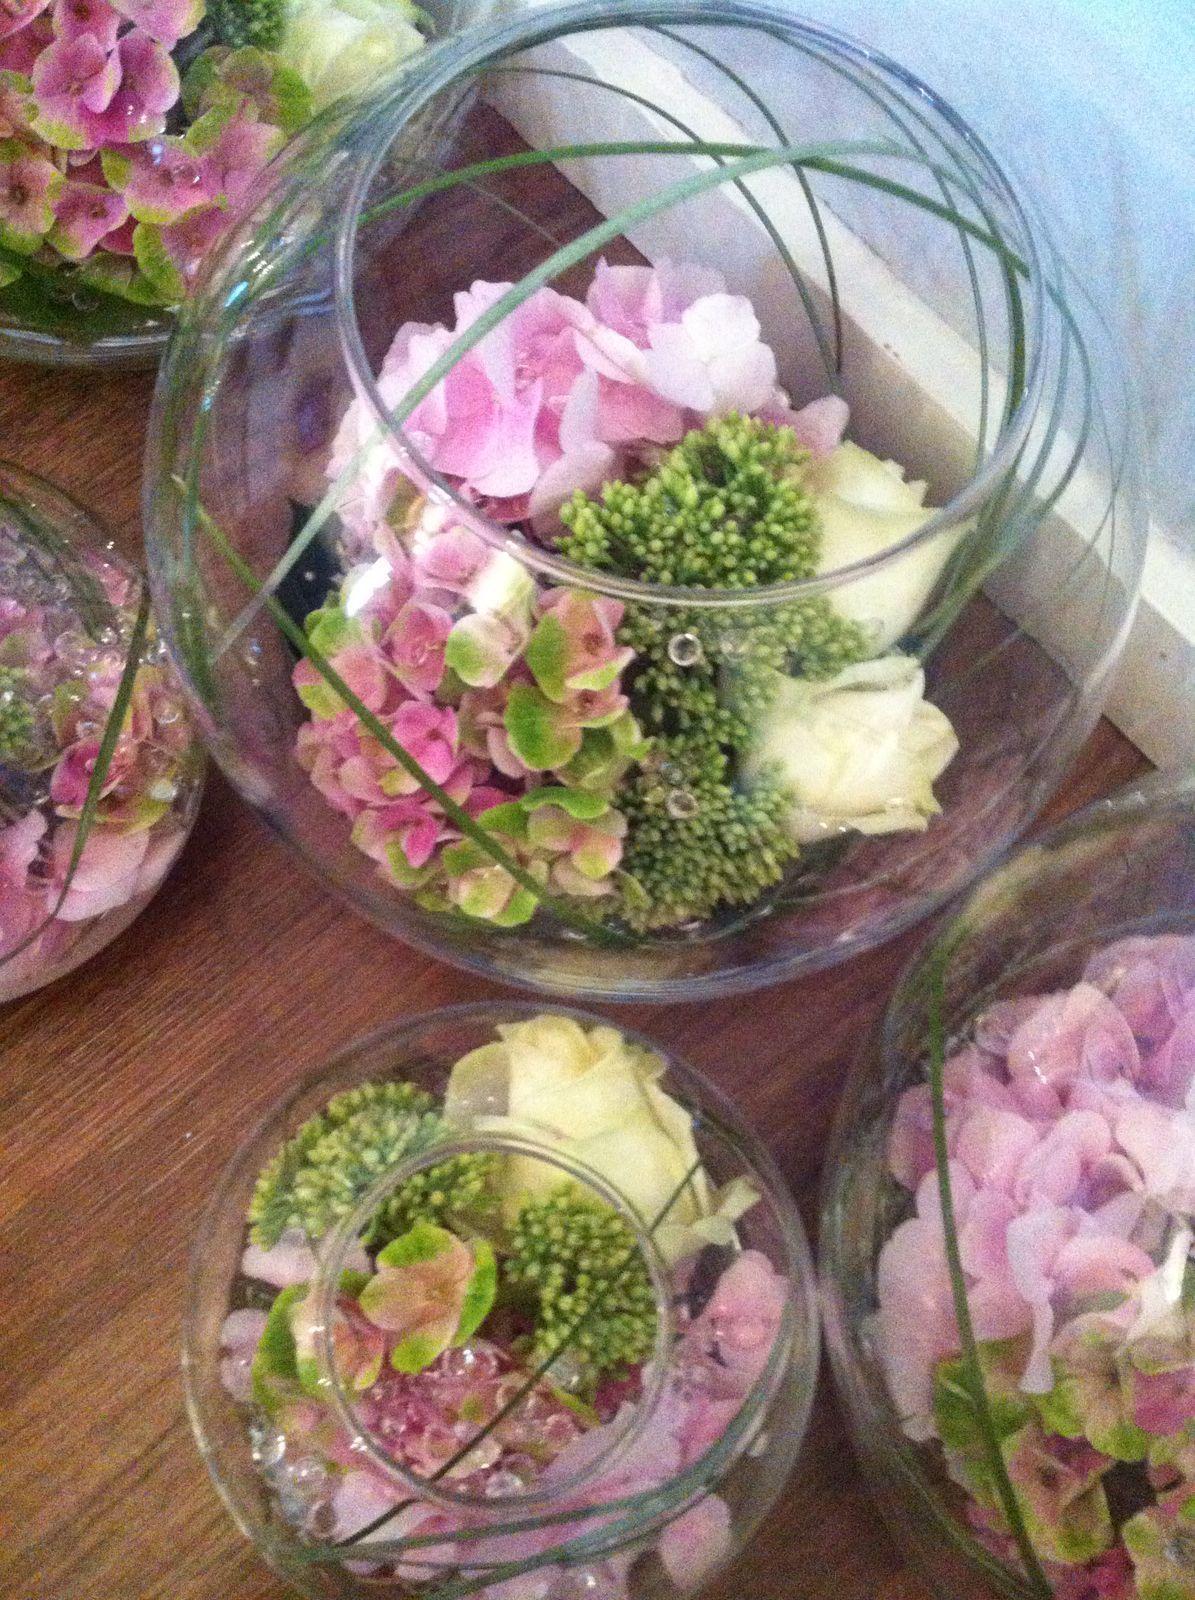 Kugelvasen Zum Verleih Im Hochzeitsladen Nurnberg Vase Kugelvase Hochzeitslader